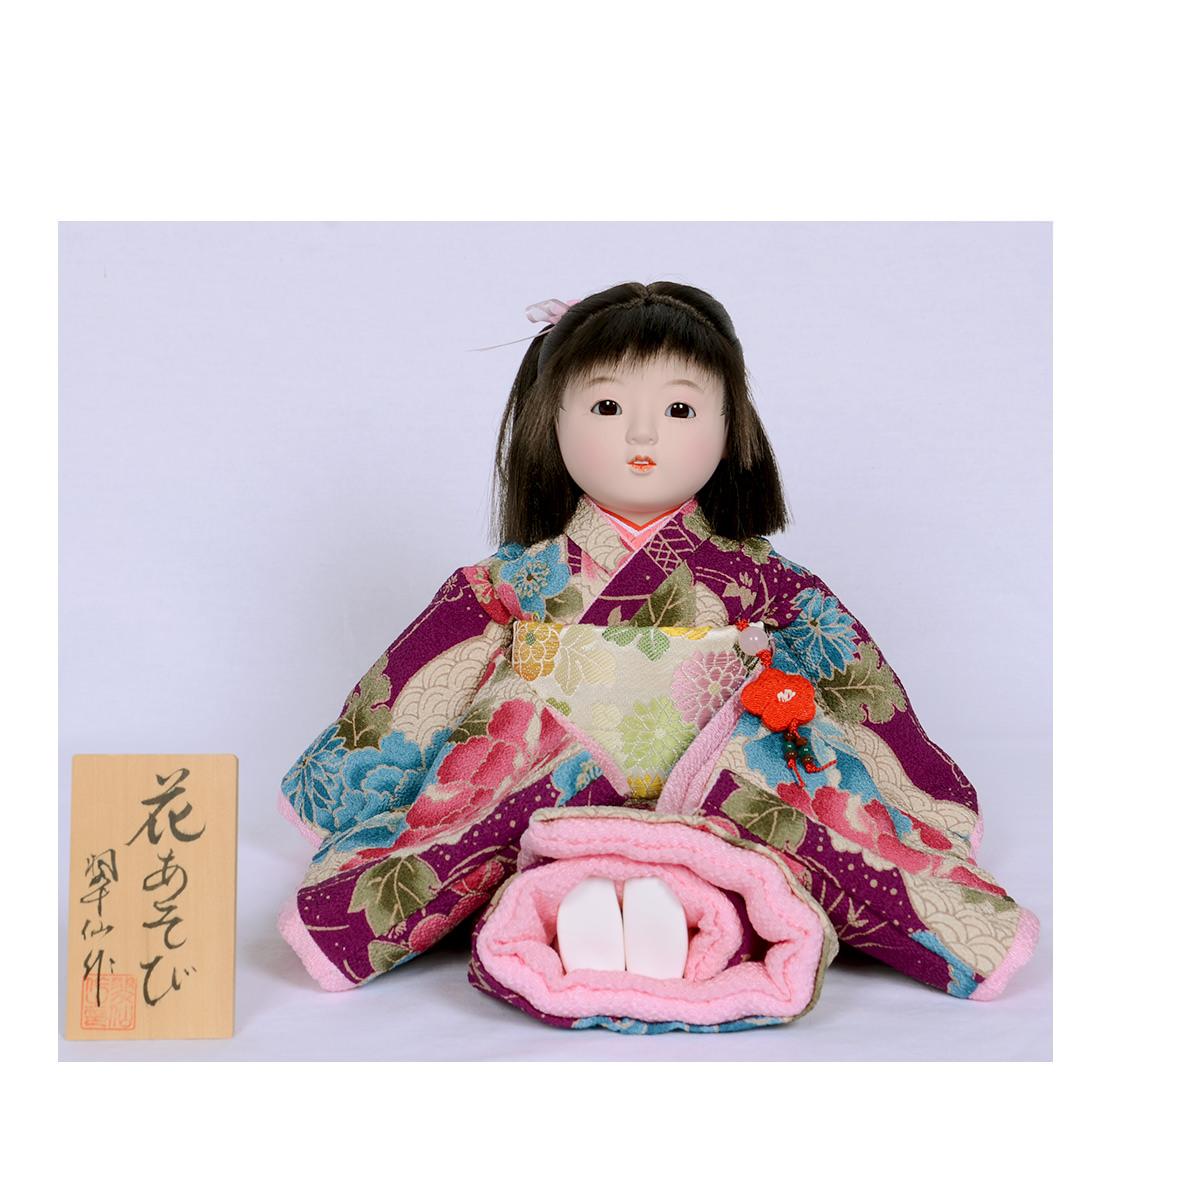 市松人形 座り ケース付き 花あそび 紫 翠仙 送料無料